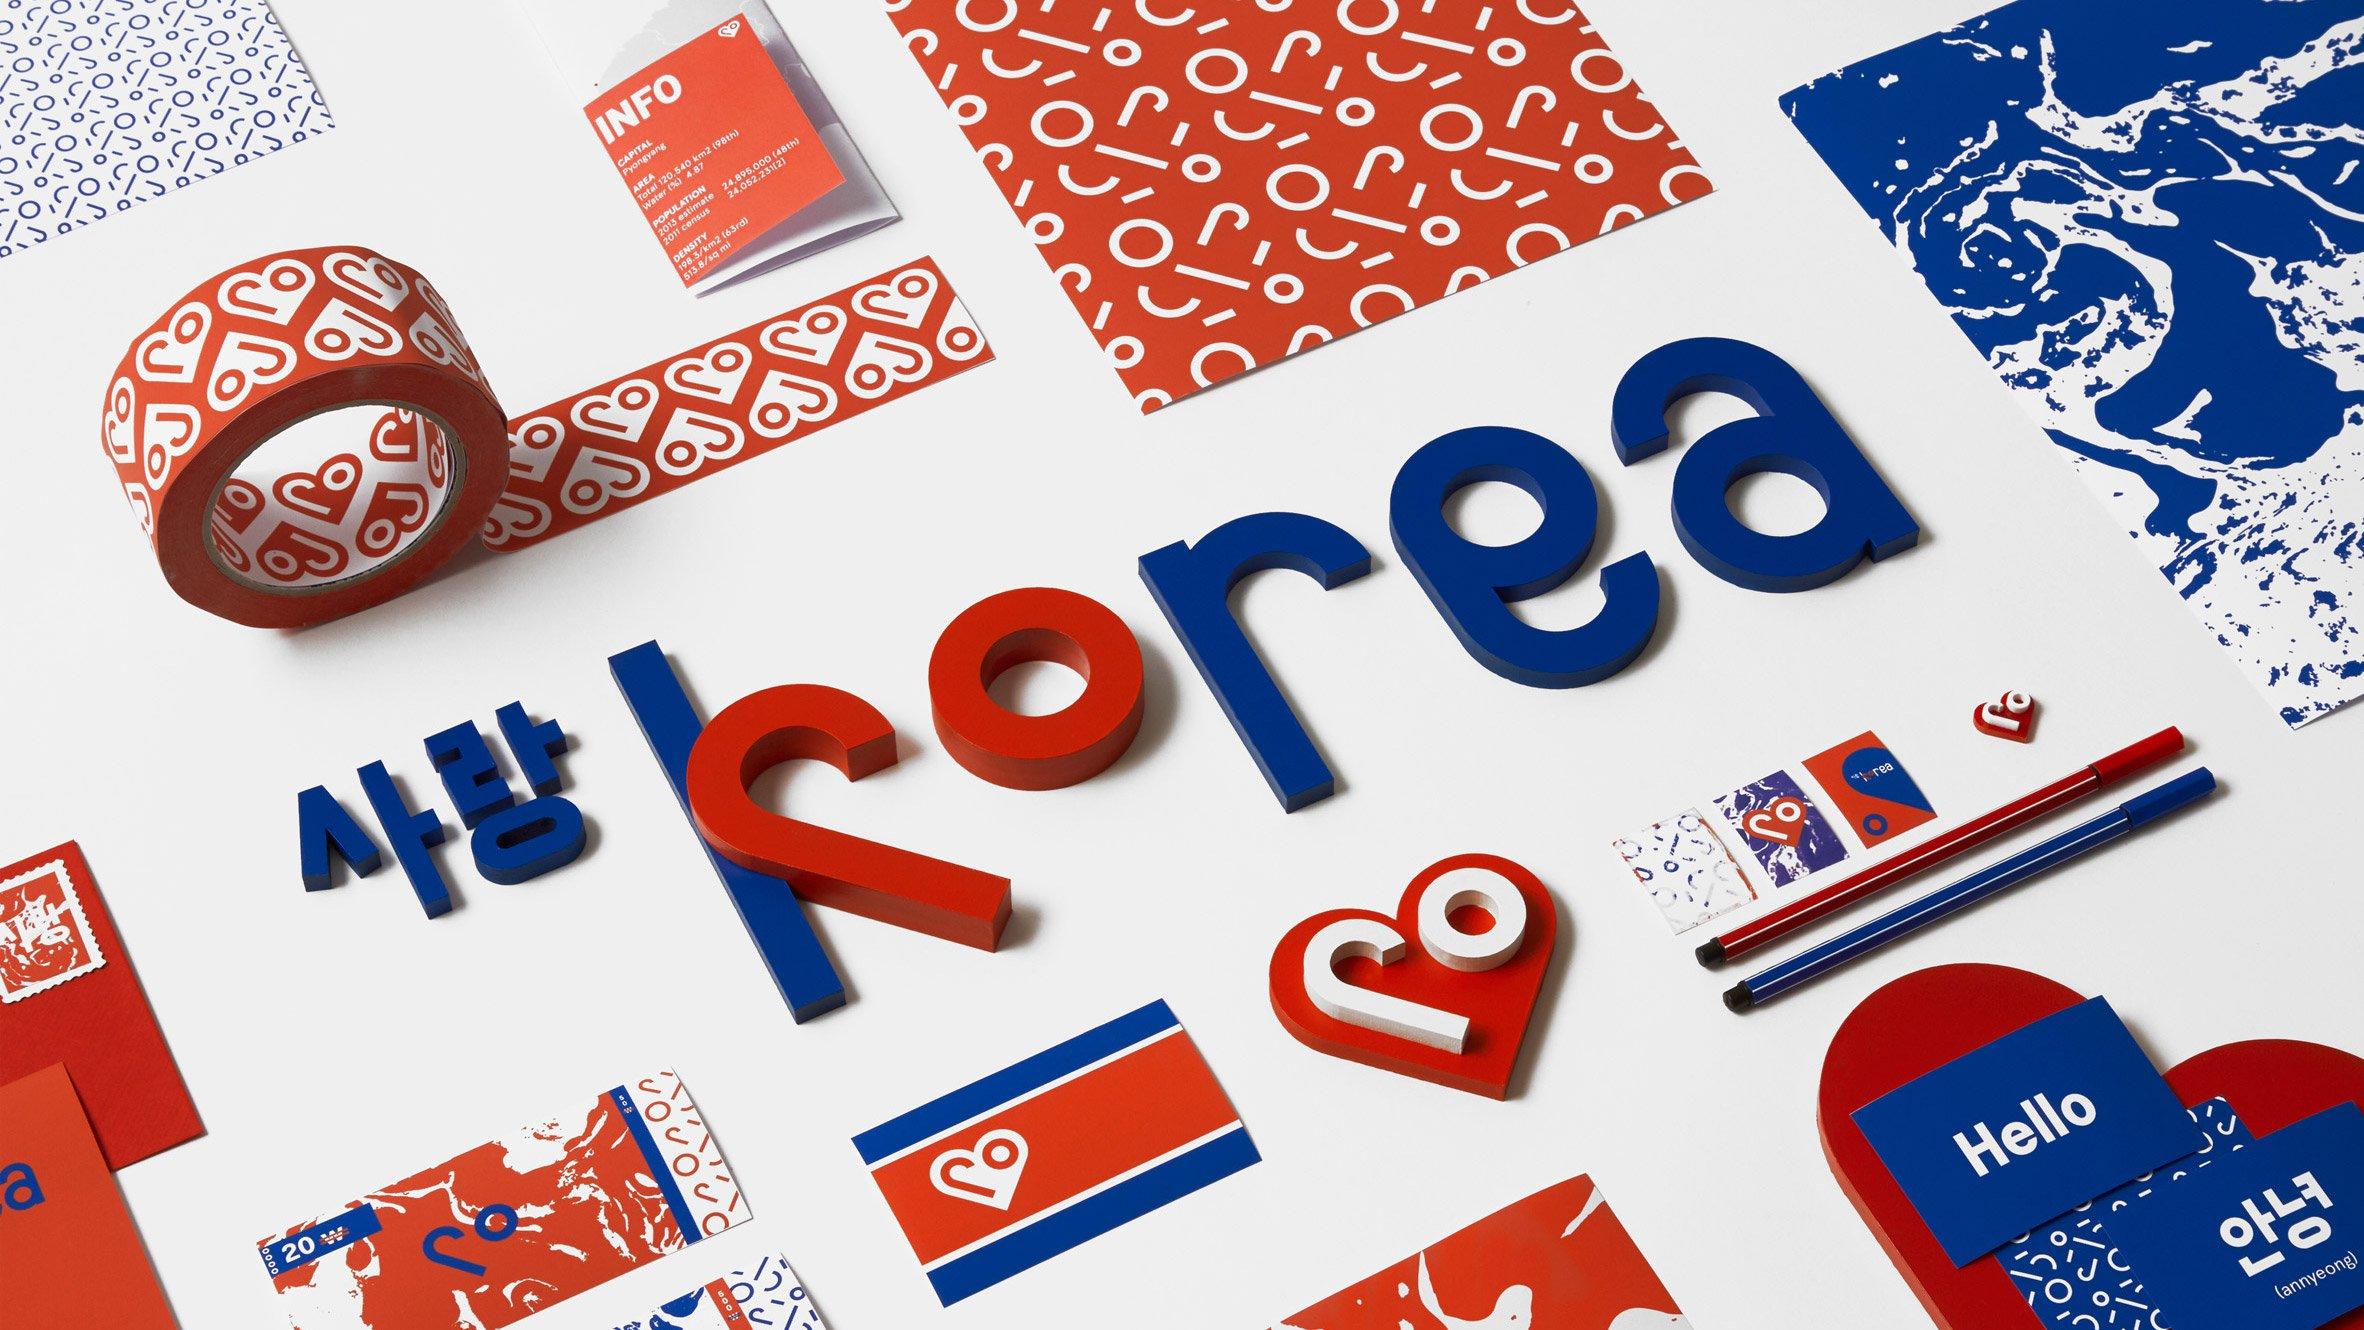 韓国の文化を知ろう!日本との違いや習慣とは?似ているようで違う!